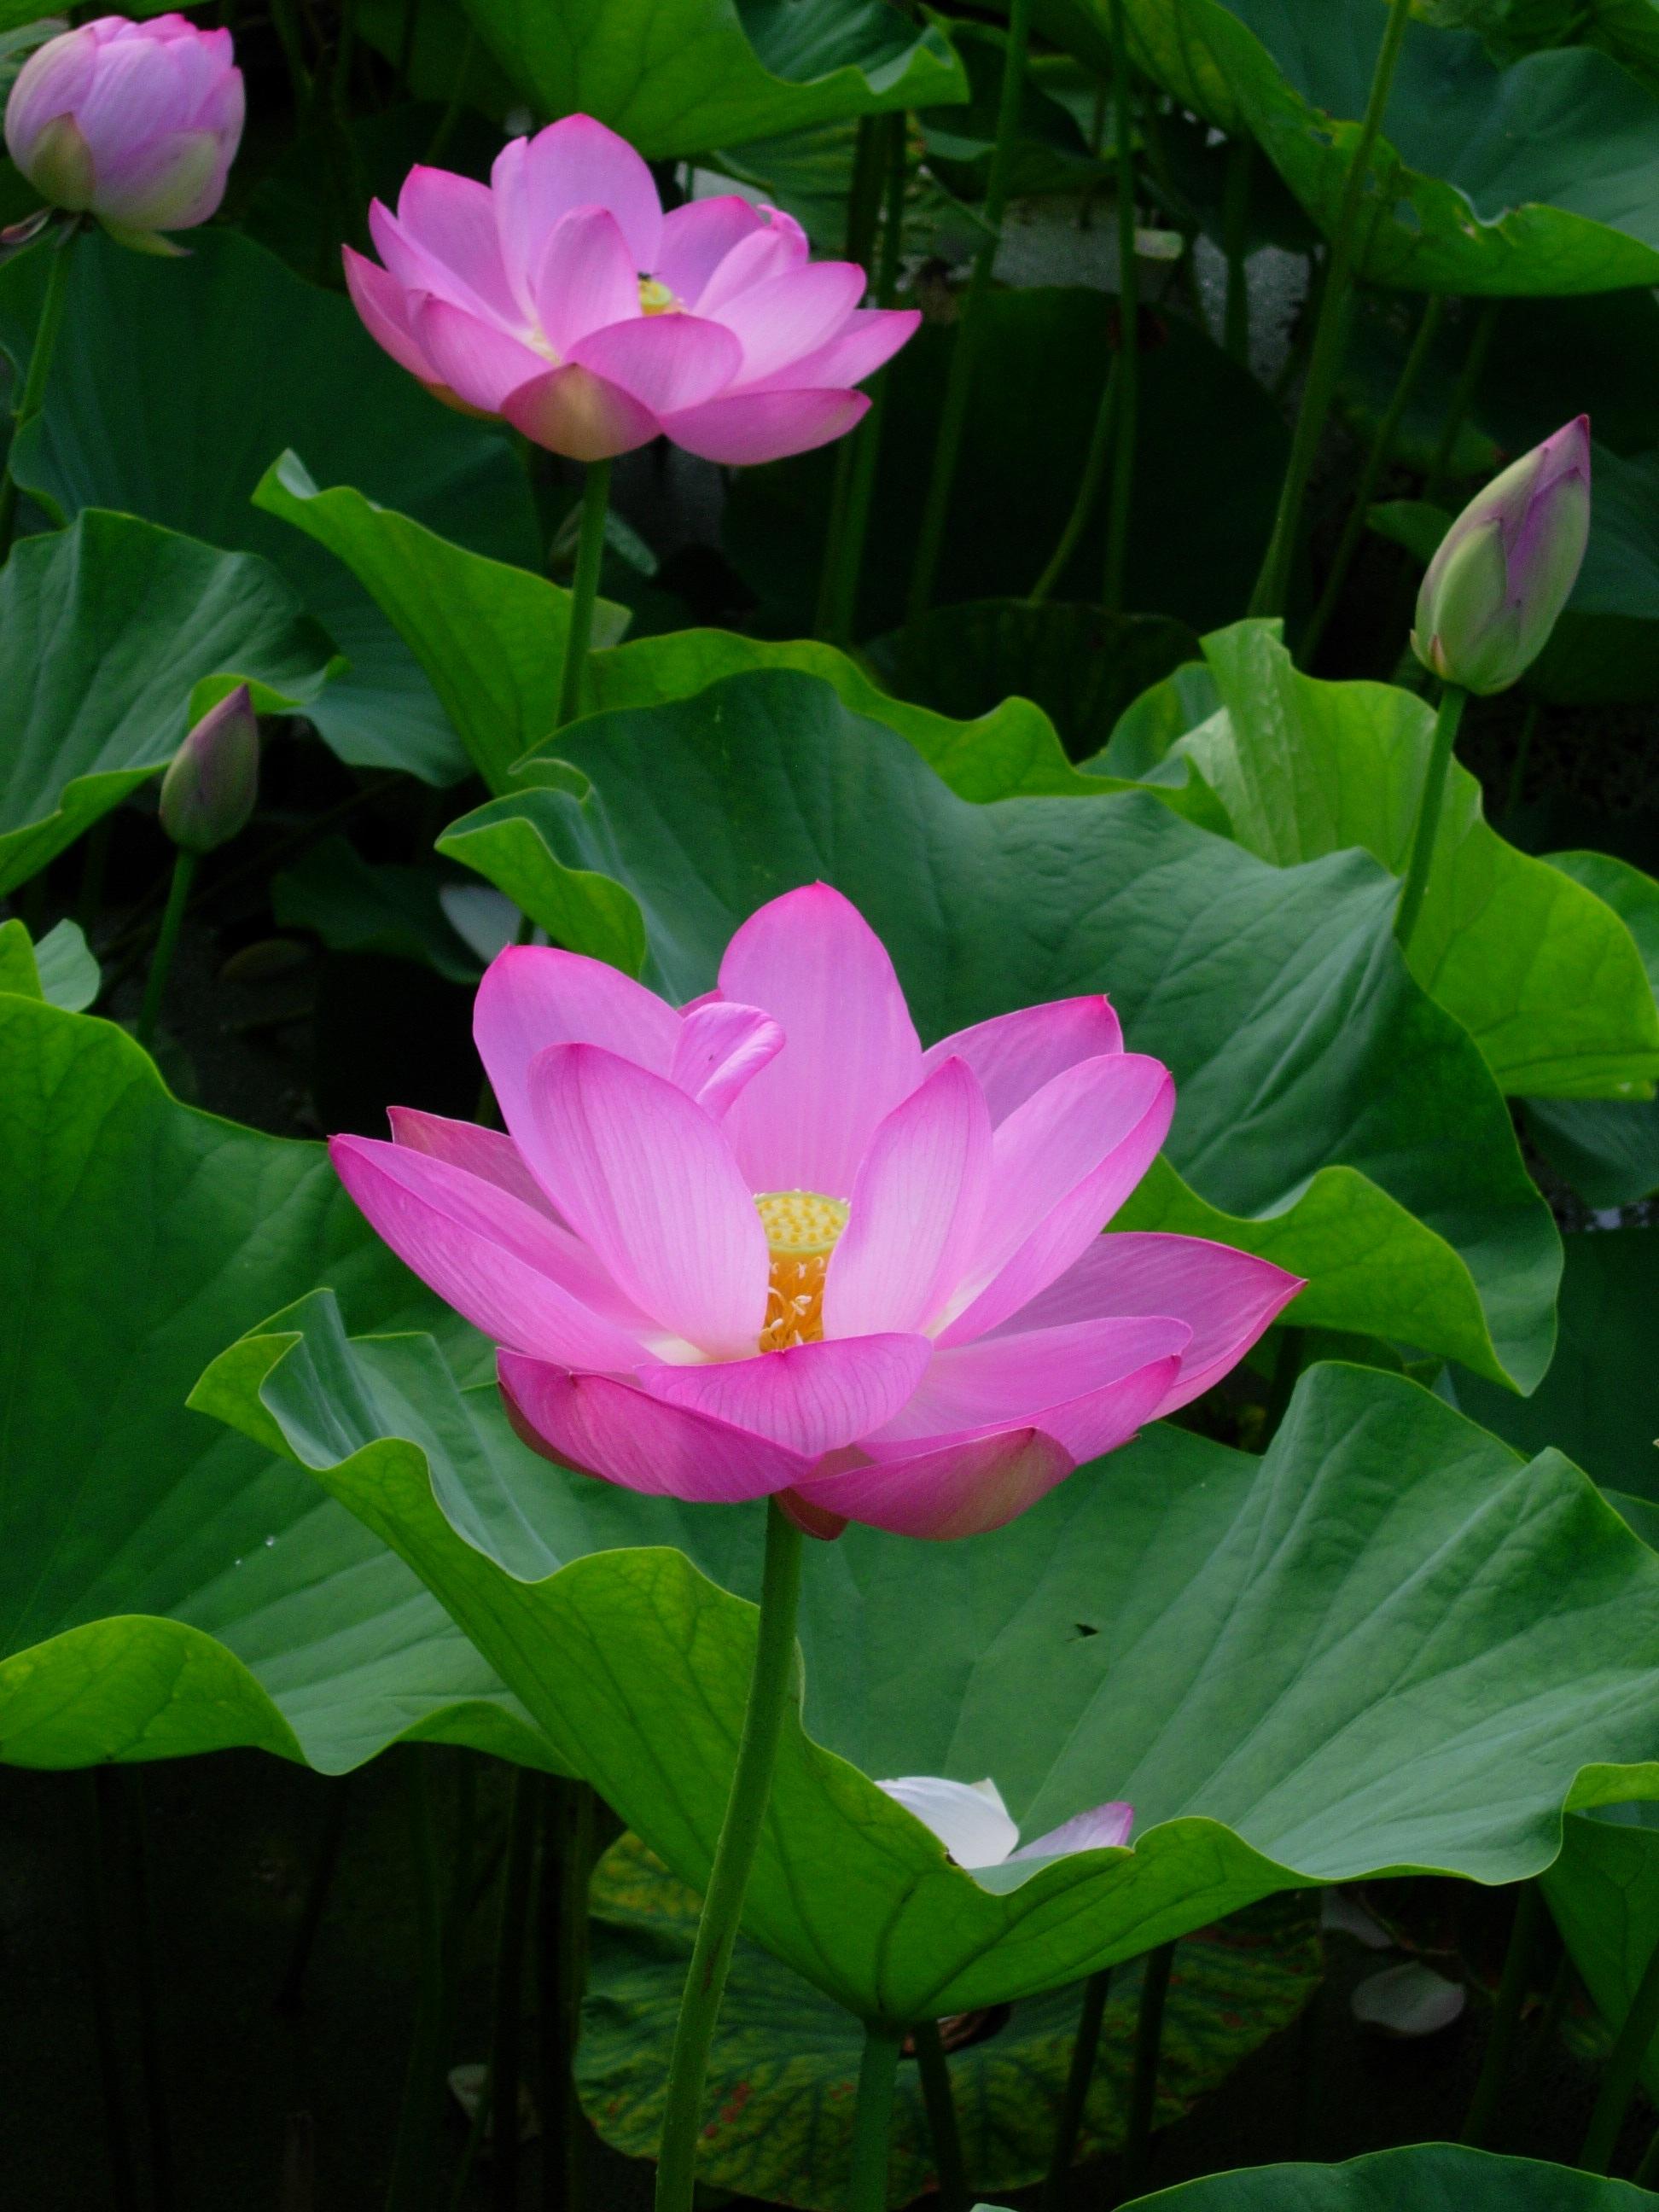 Free Images Flower Petal Botany Pink Sacred Lotus